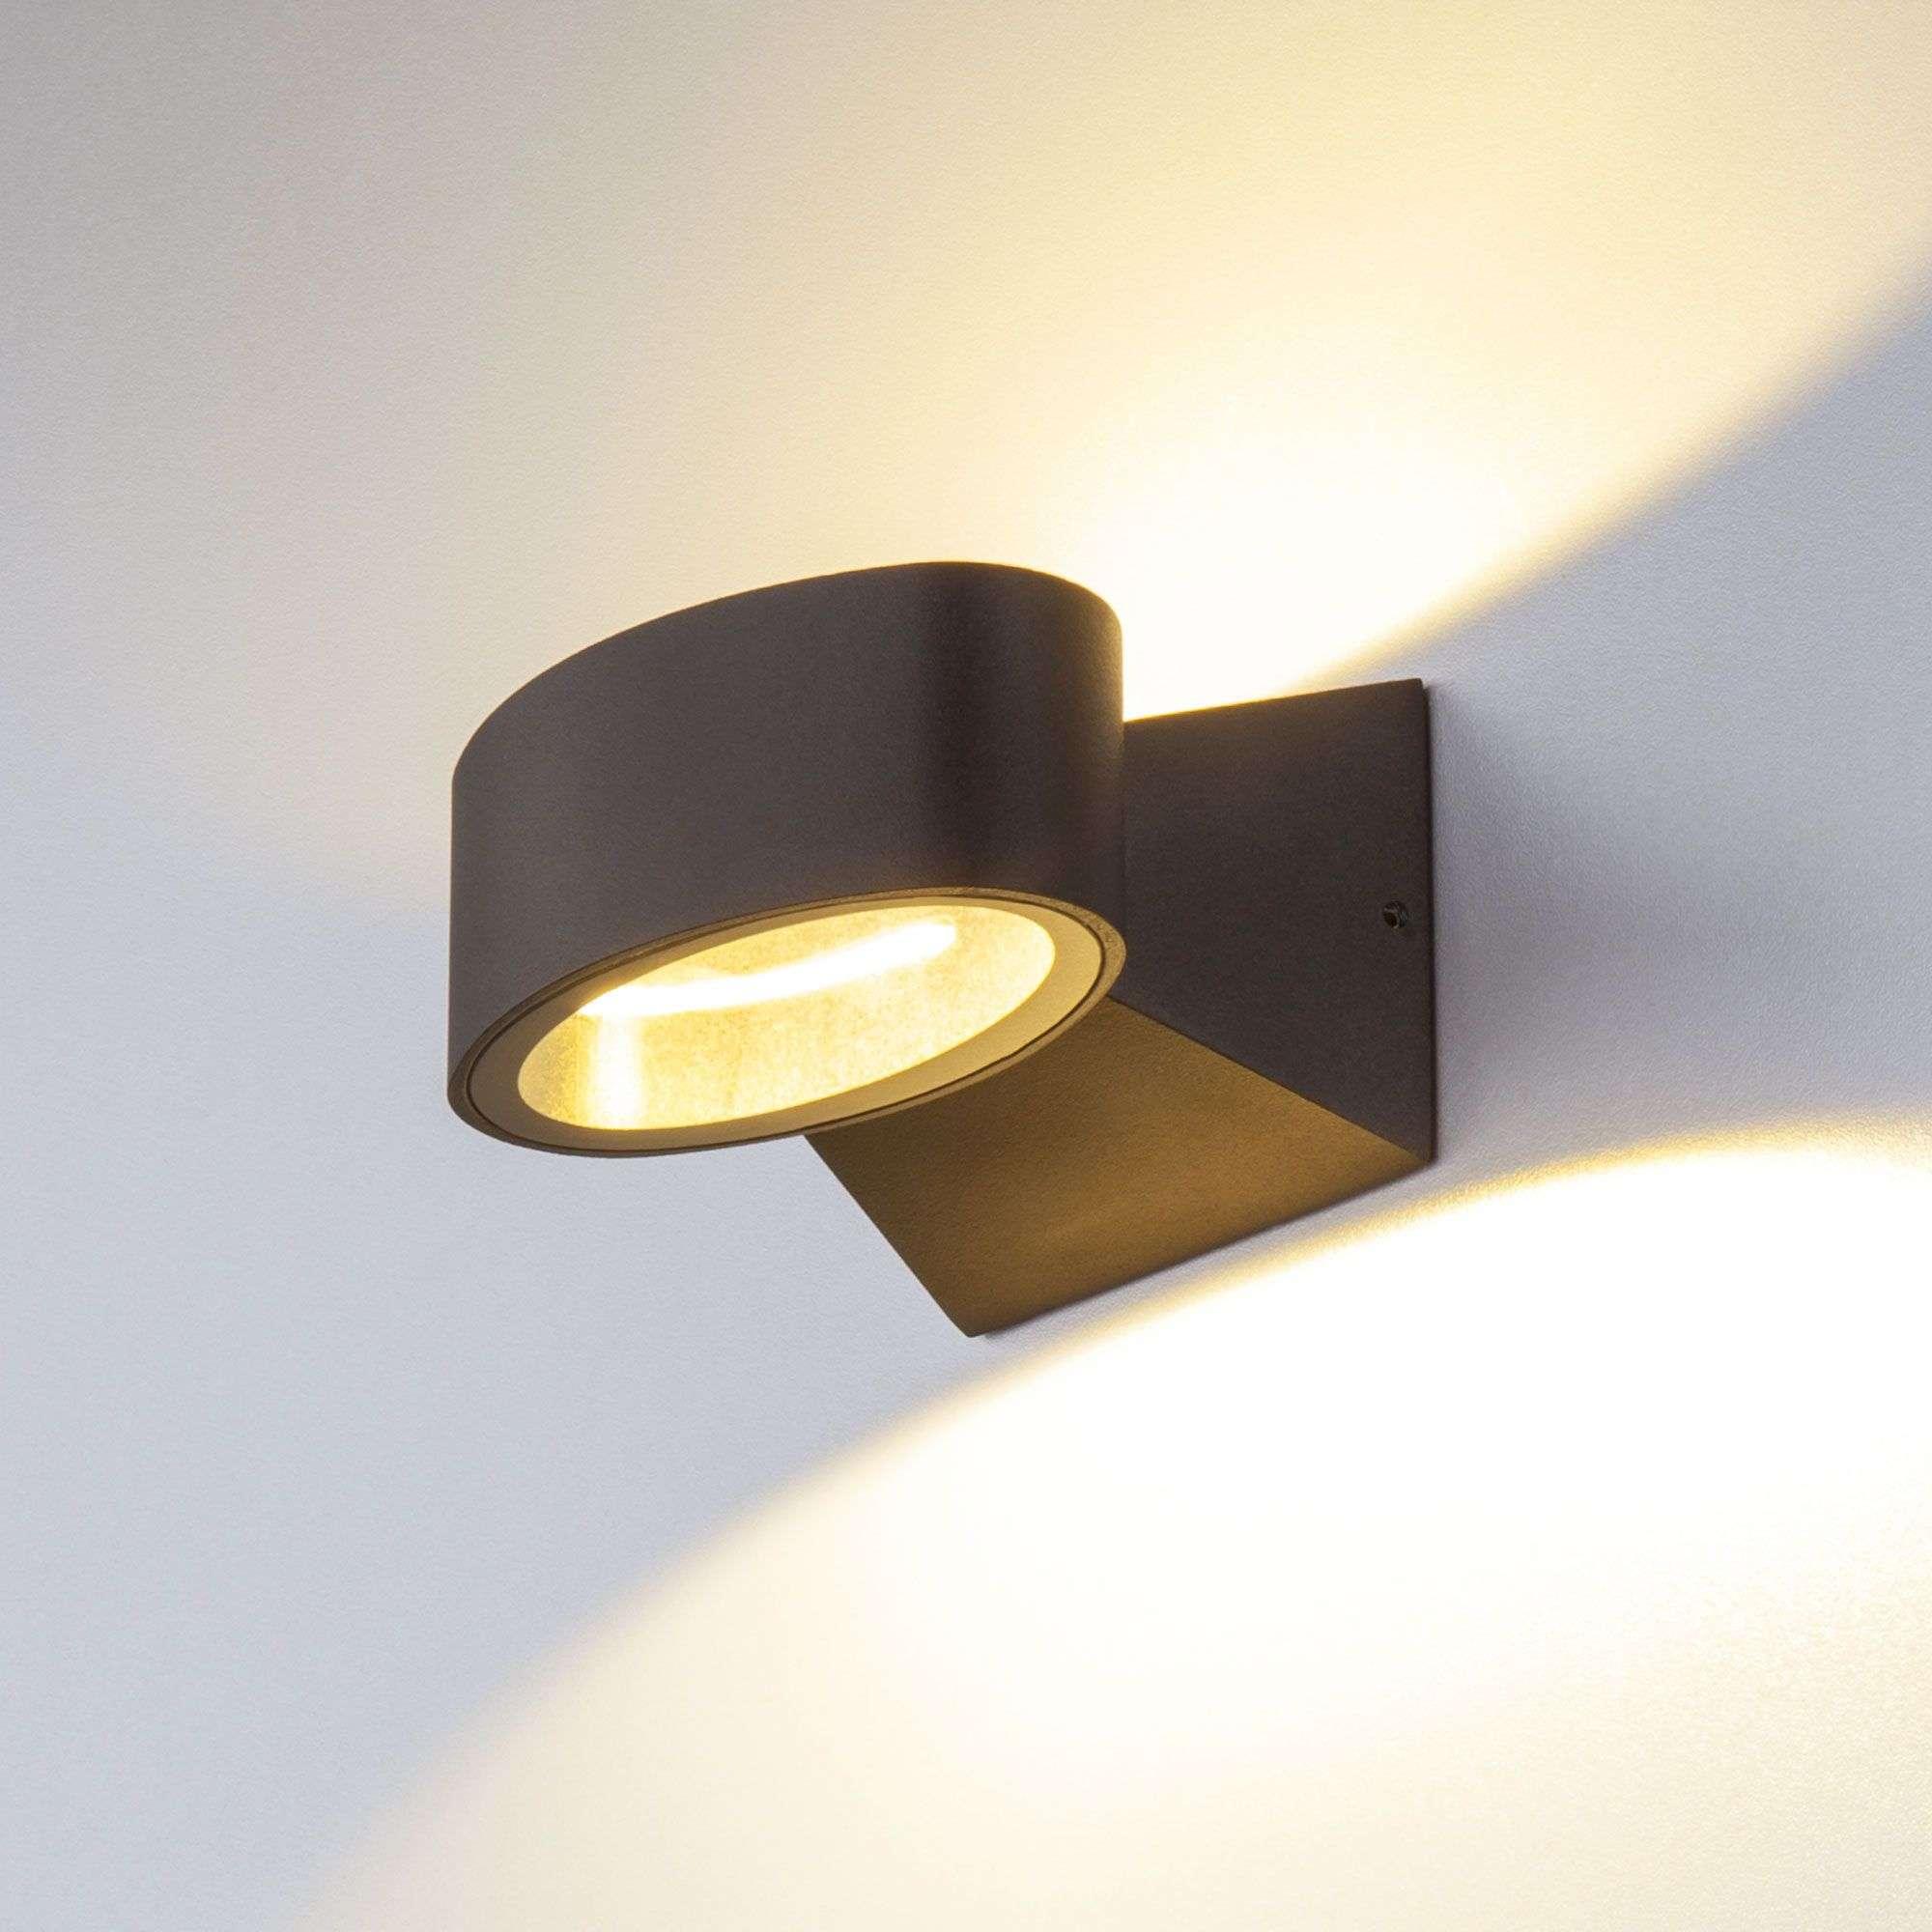 Пылевлагозащи<wbr>щенный светодиодный светильник Blinc черный IP54 1549 Techno LED черный